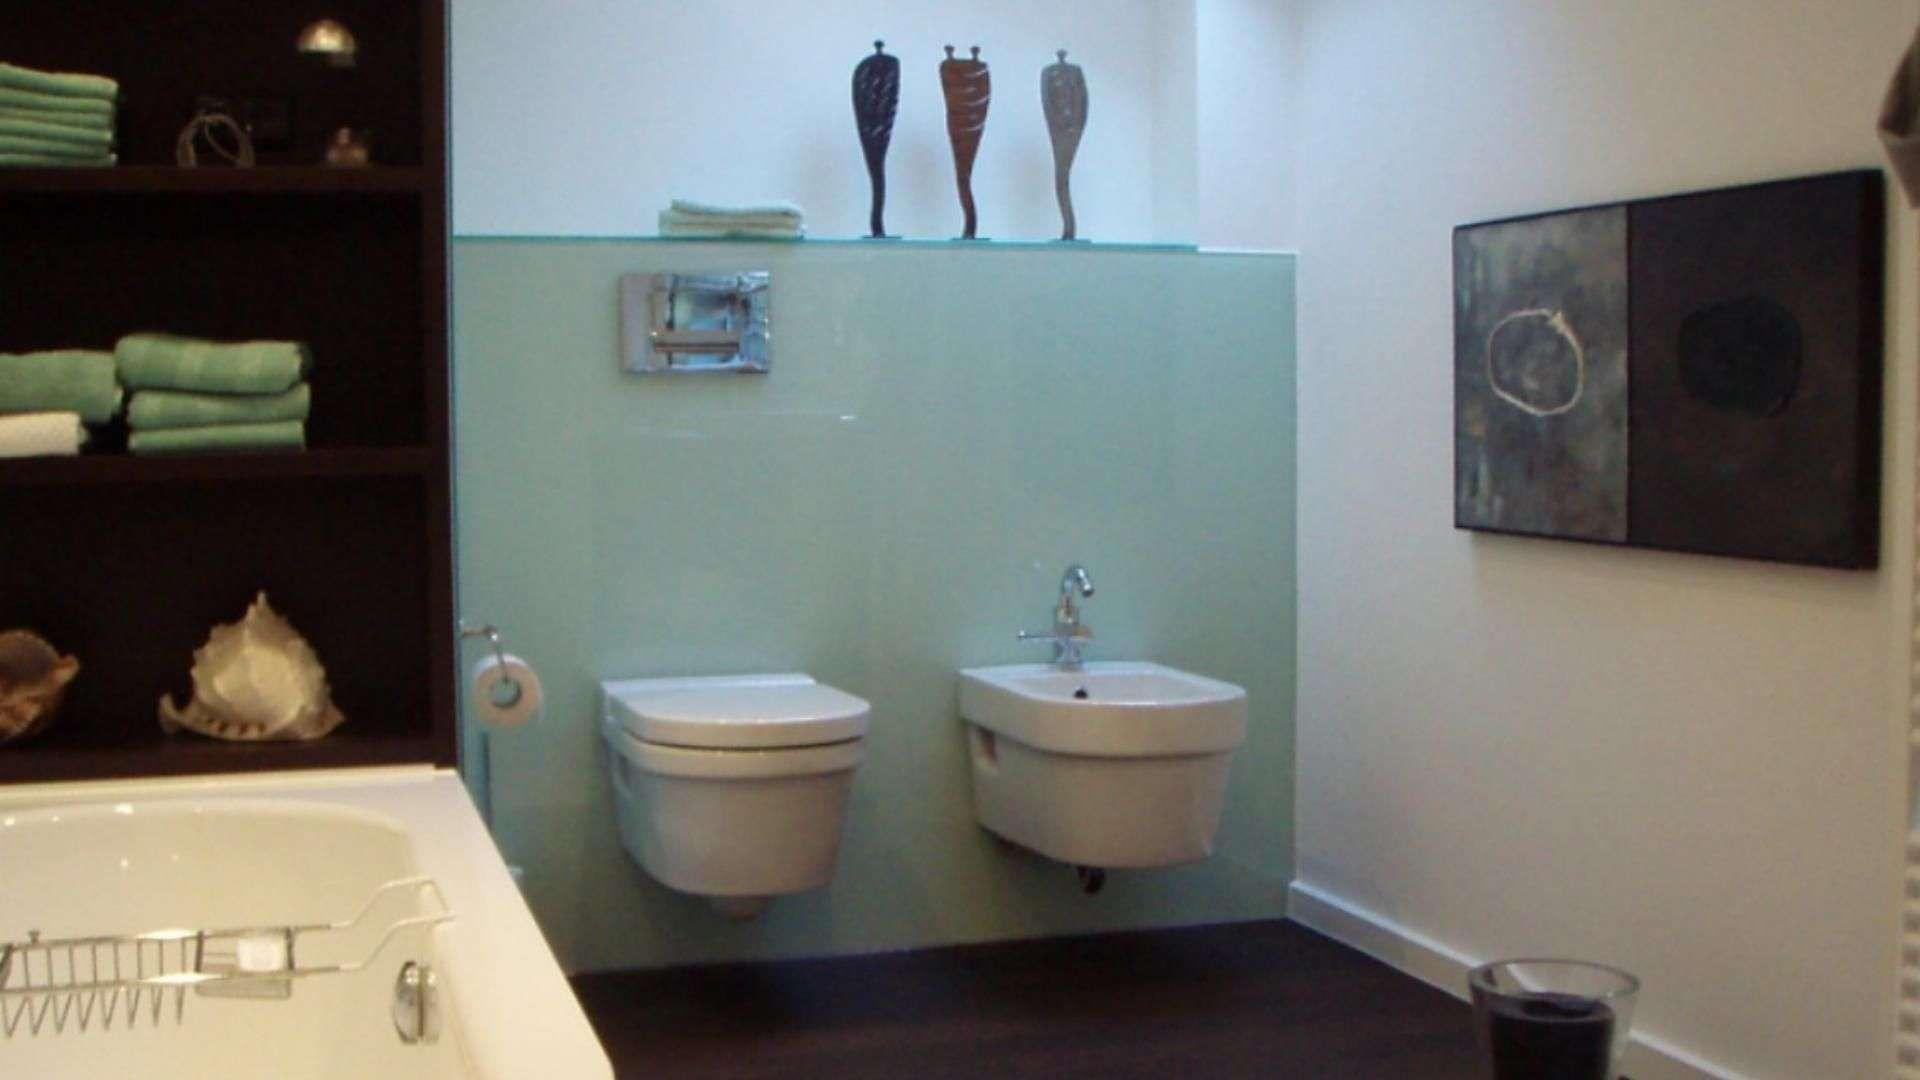 Glasrückwand im Badezimmer hinter einer Toilette